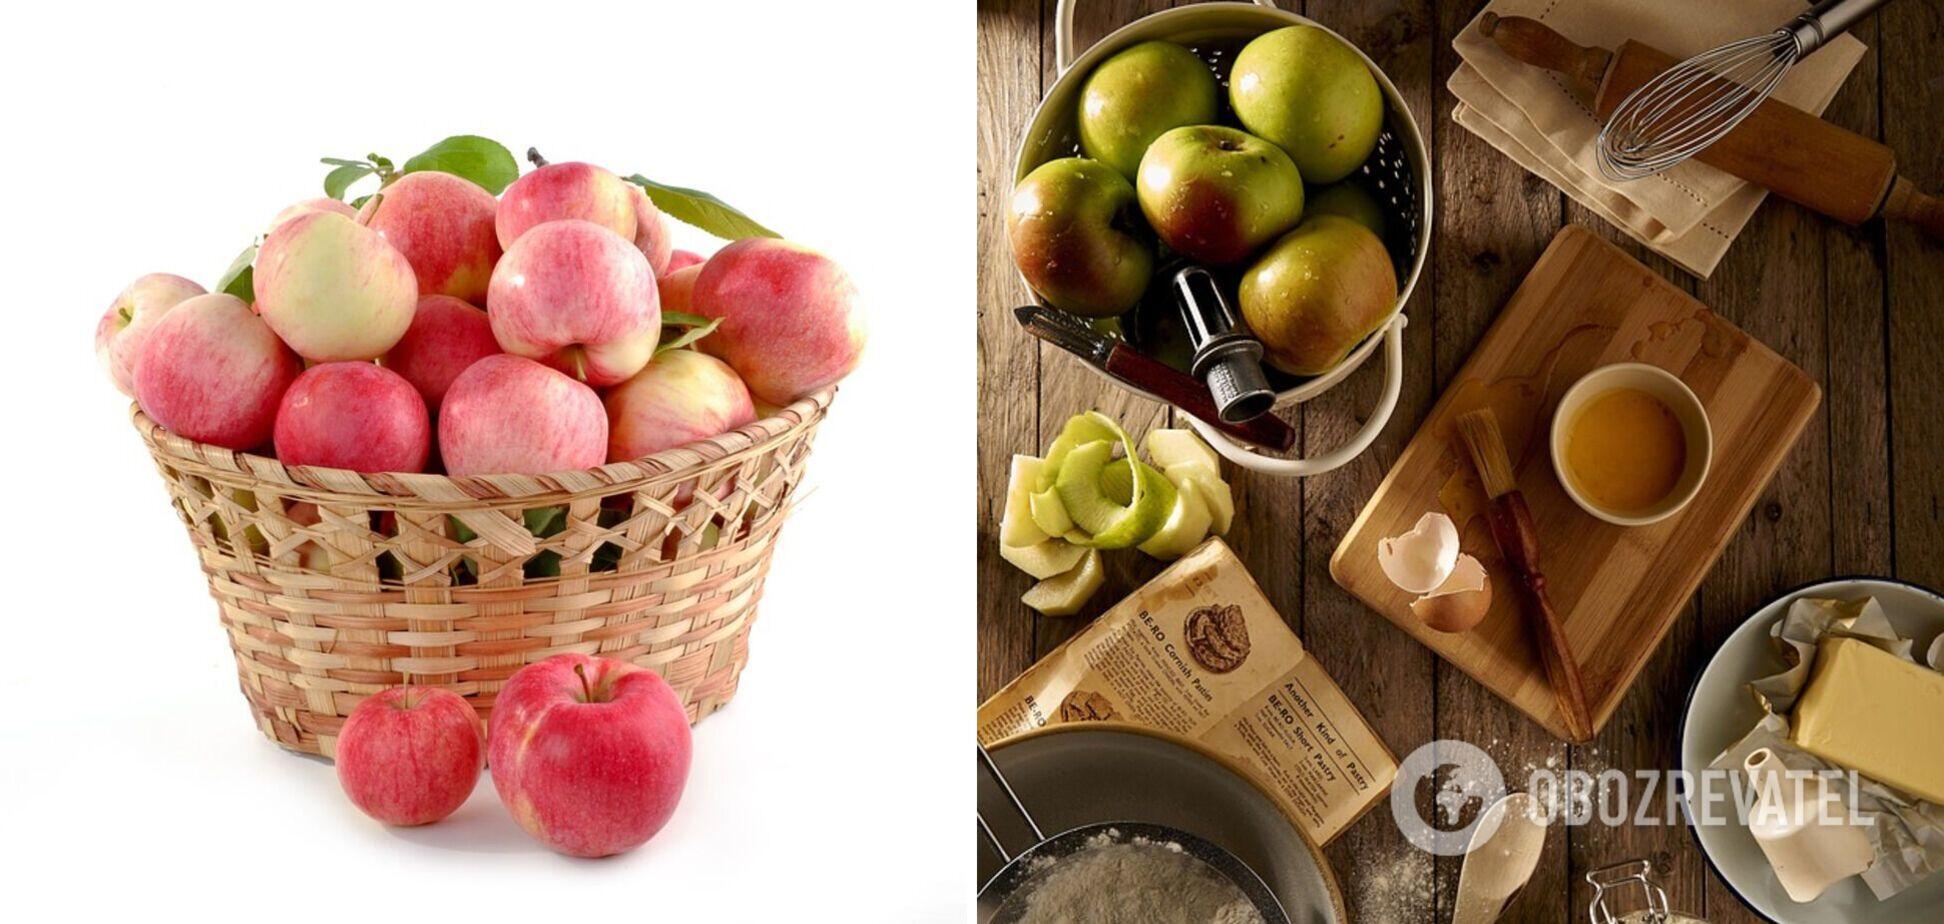 Що приготувати з яблук: небанальні і прості рецепти, які точно пригодяться